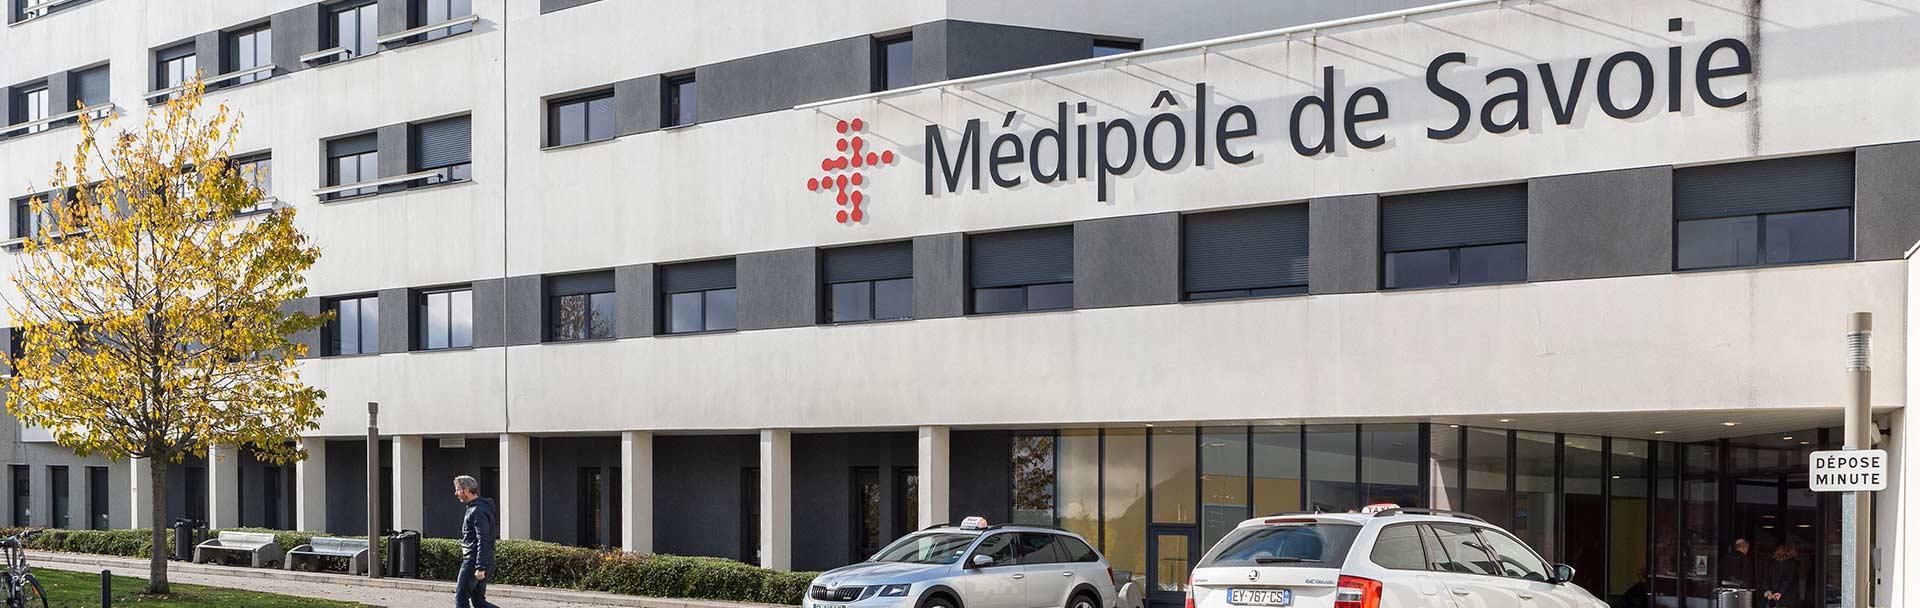 Medipole entree | médipole de savoie